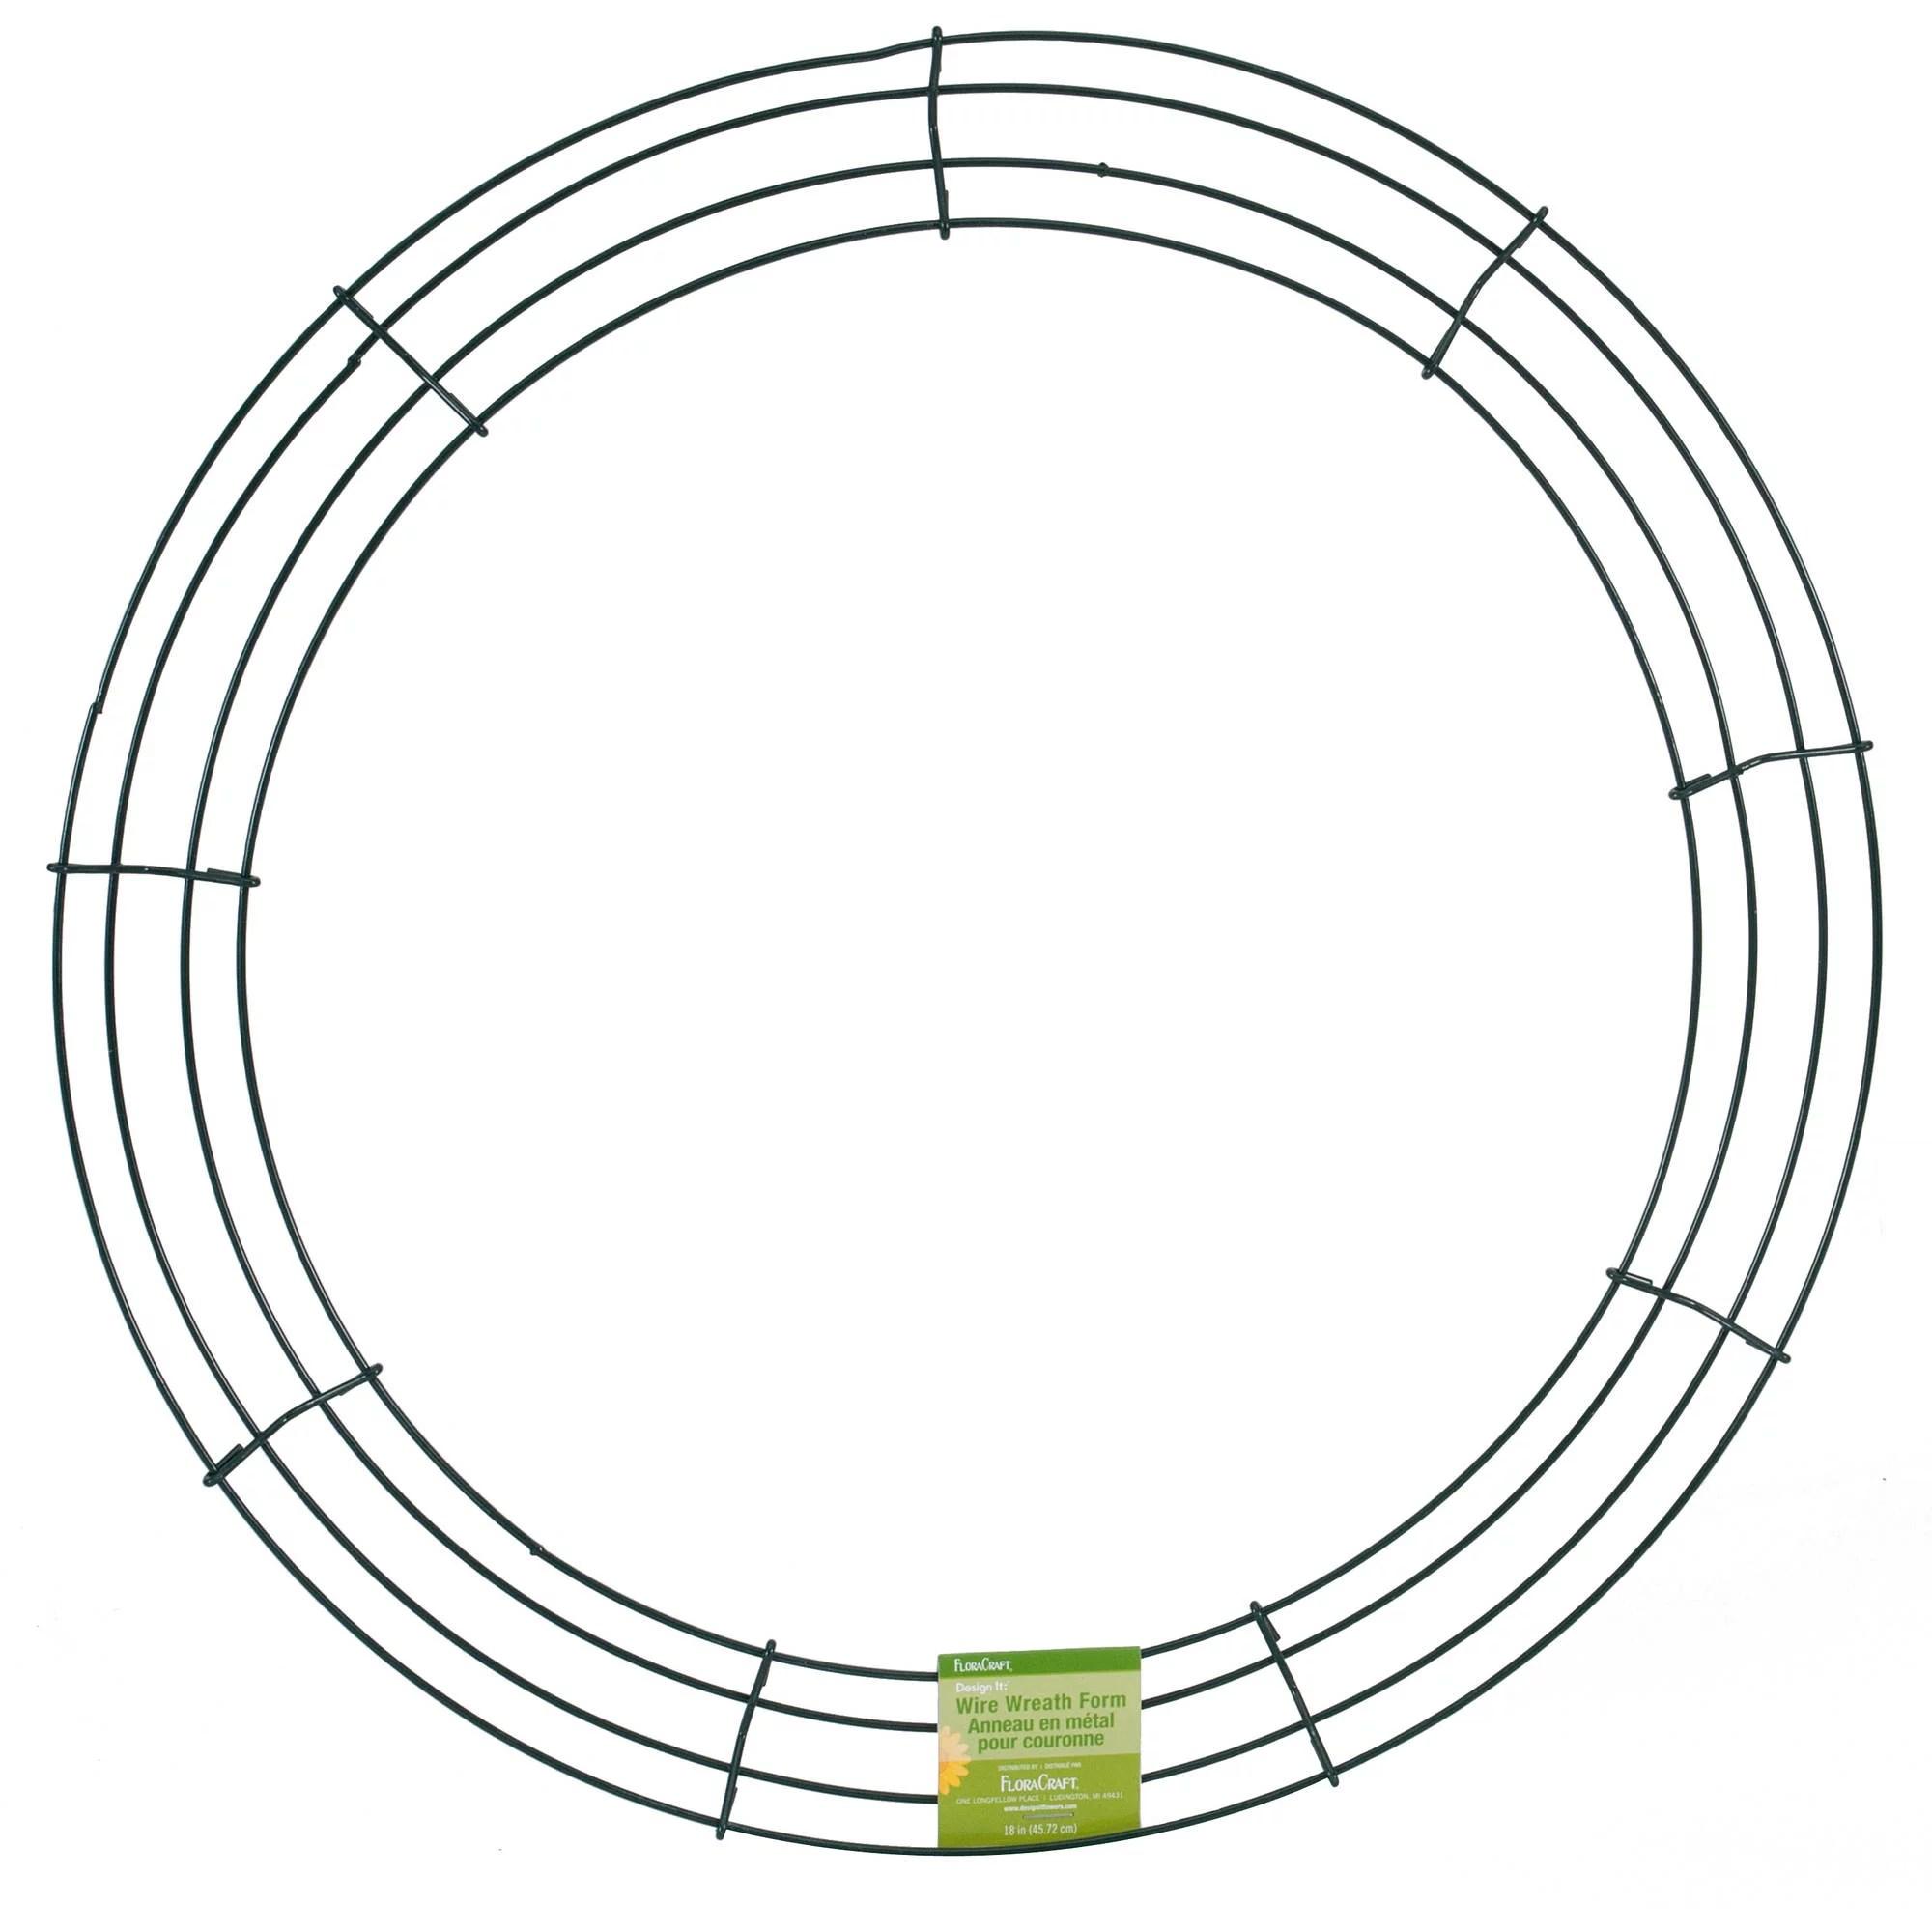 Wiring Diagram Kitchen Kitchen Repair Wiring Diagram ~ ODICIS